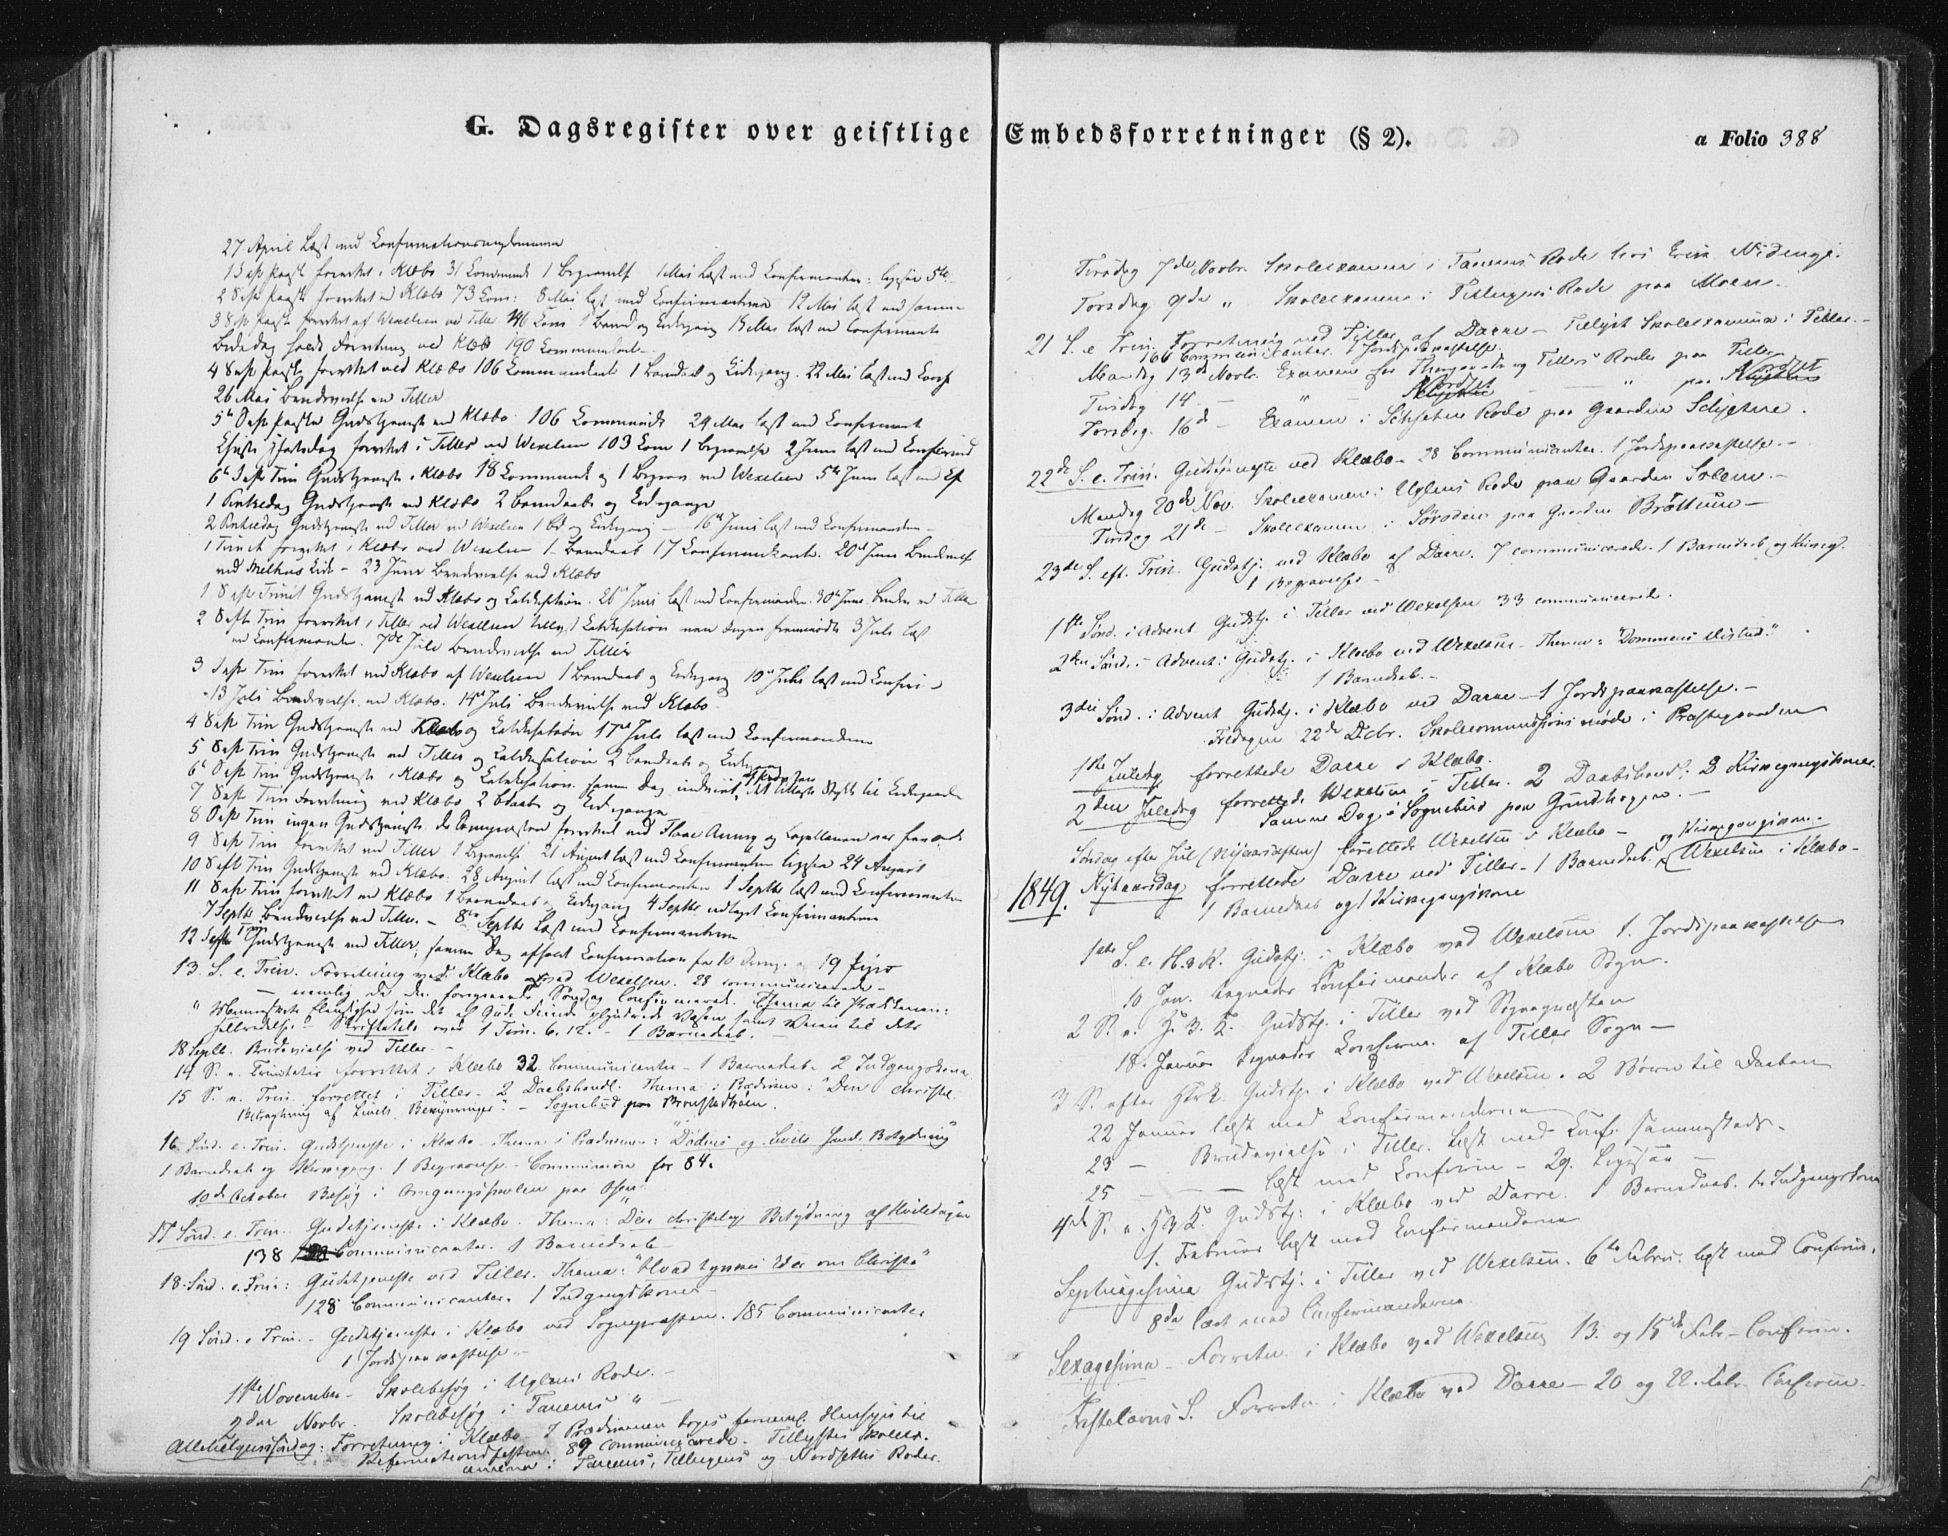 SAT, Ministerialprotokoller, klokkerbøker og fødselsregistre - Sør-Trøndelag, 618/L0441: Ministerialbok nr. 618A05, 1843-1862, s. 388